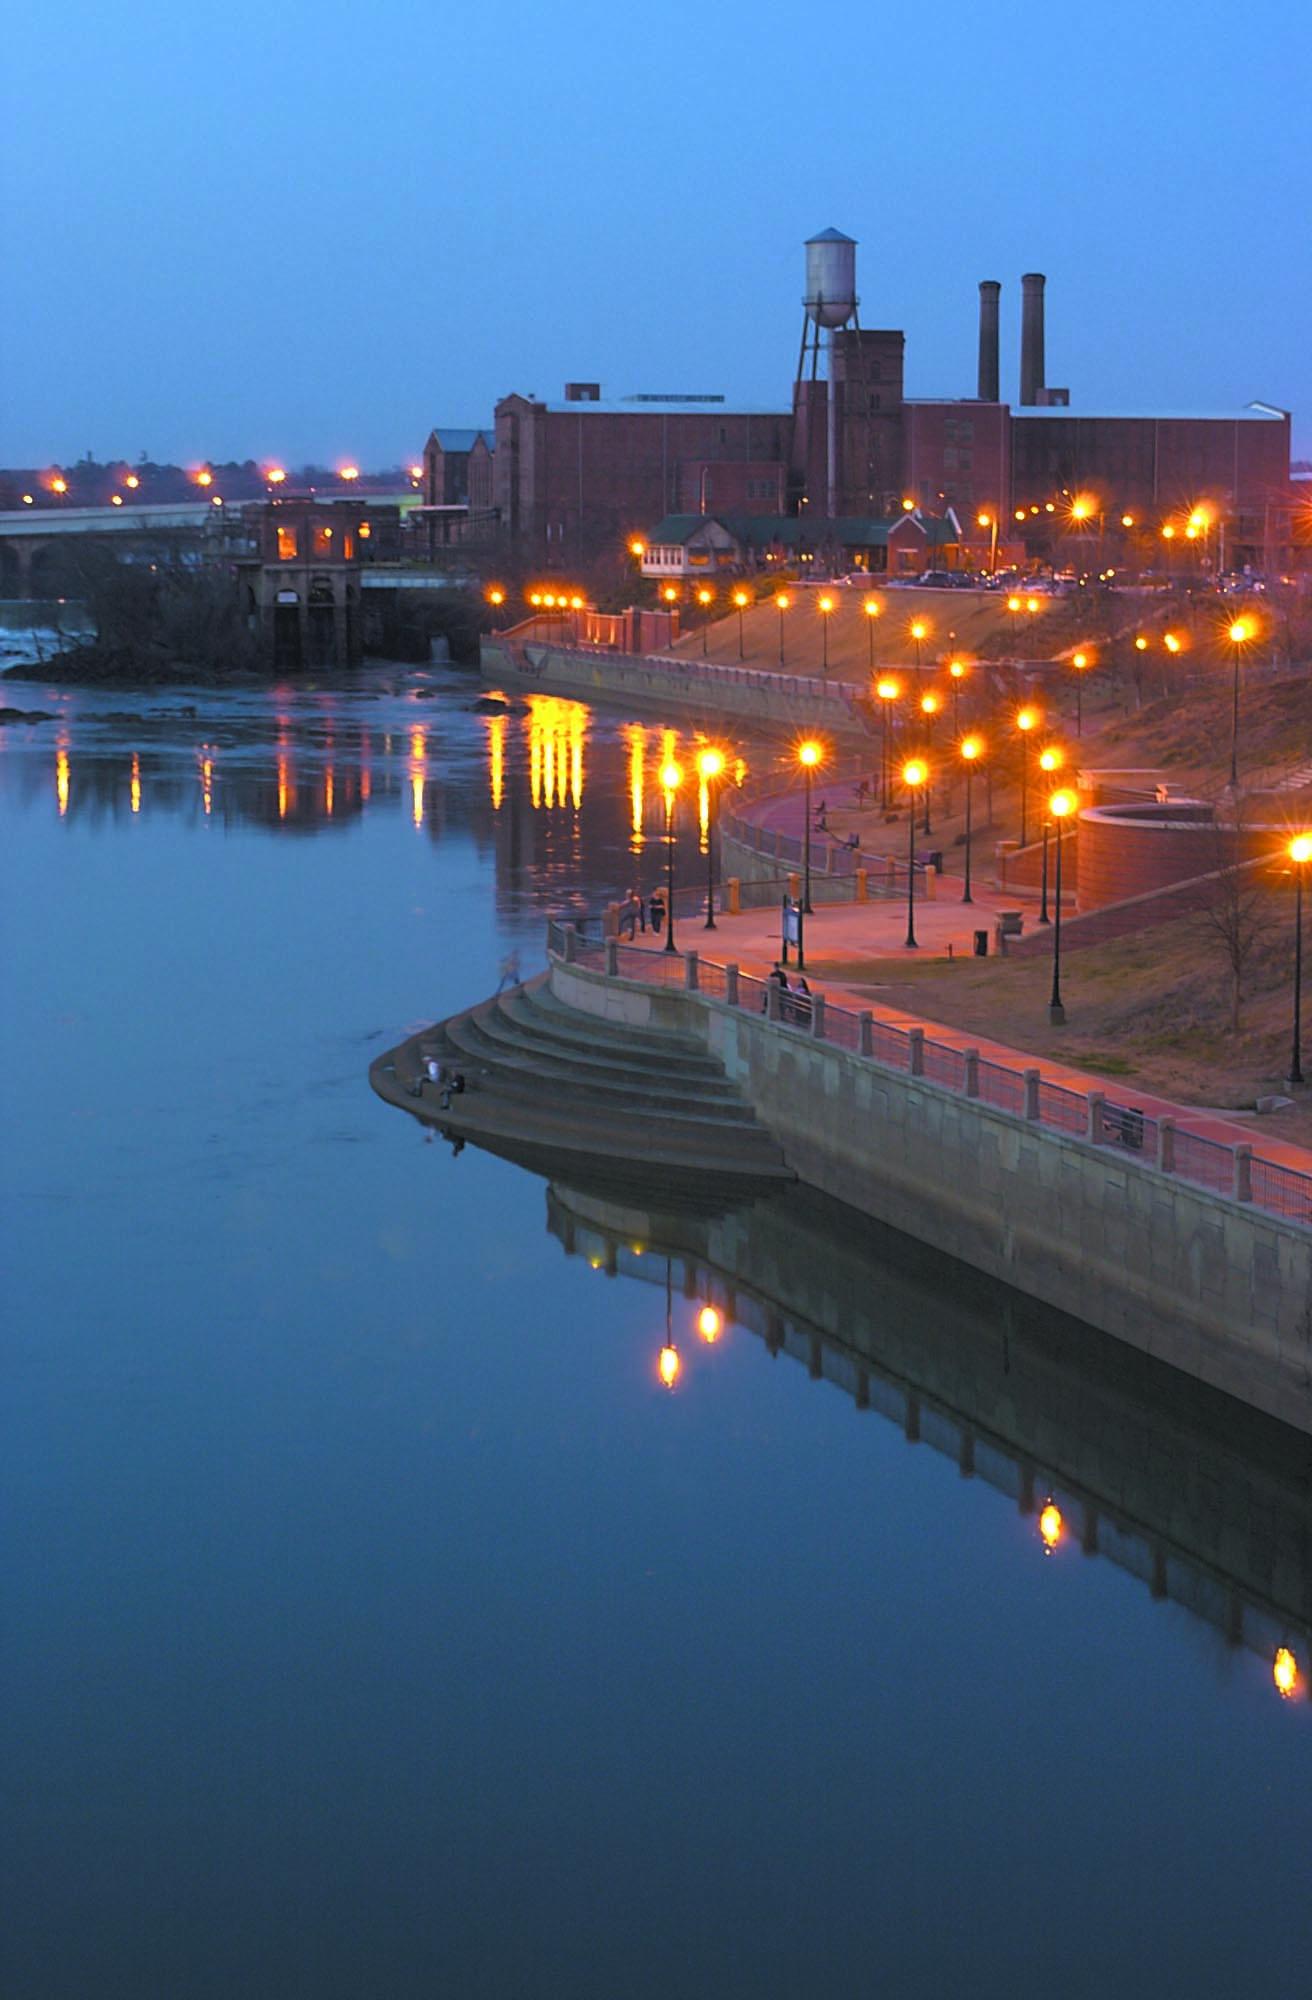 Chattahoochee RiverWalk  Things To Do In Columbus GA